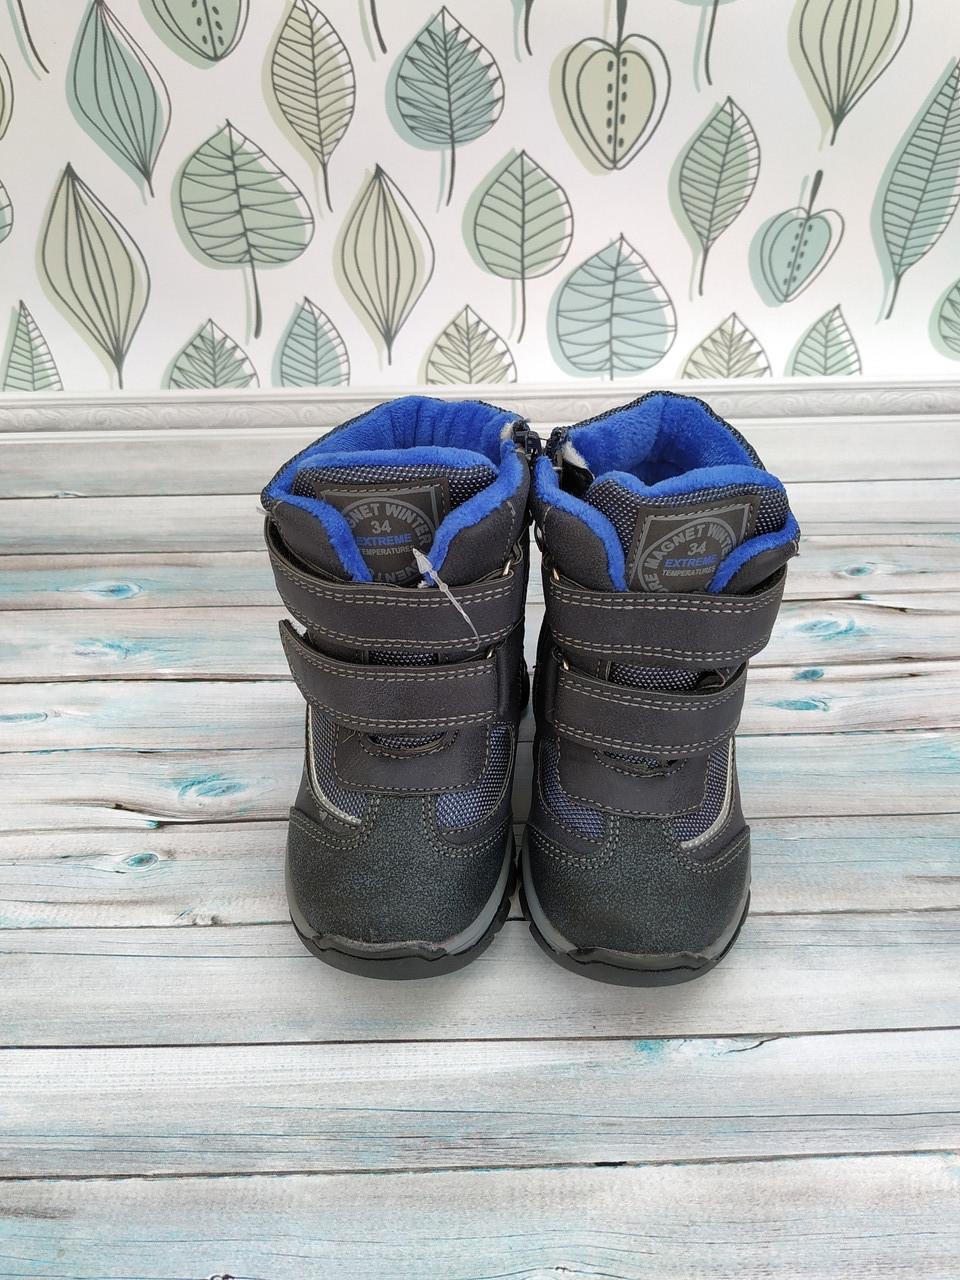 Детские ботинки Детские ботинки зима Детские ботинки термо  Детские ботинки на мальчика